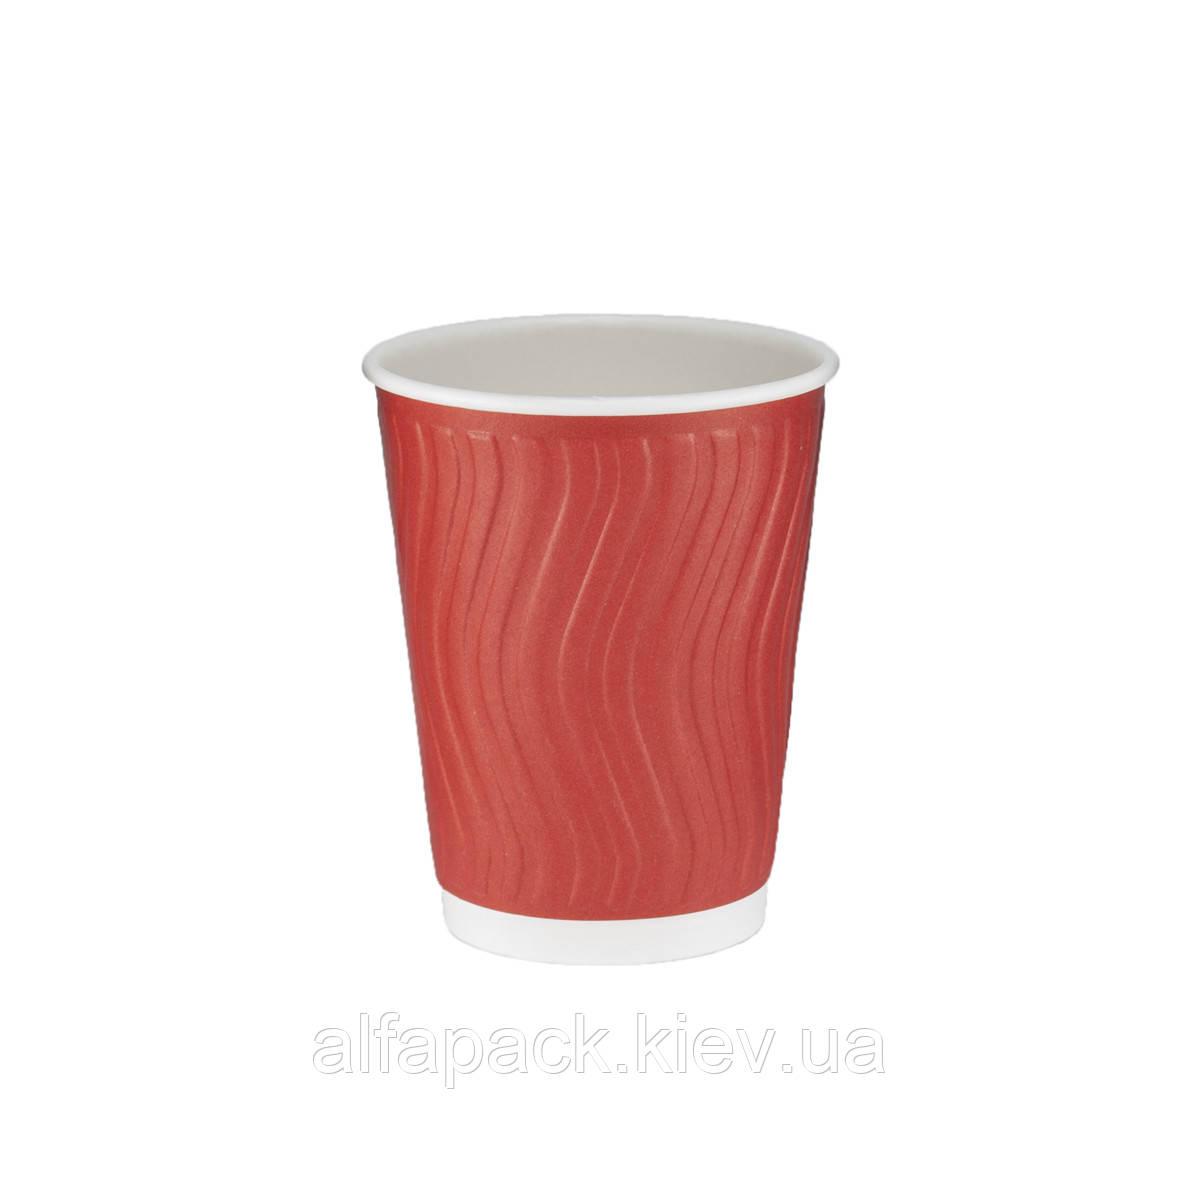 Гофрированный стакан волна красный 400 мл